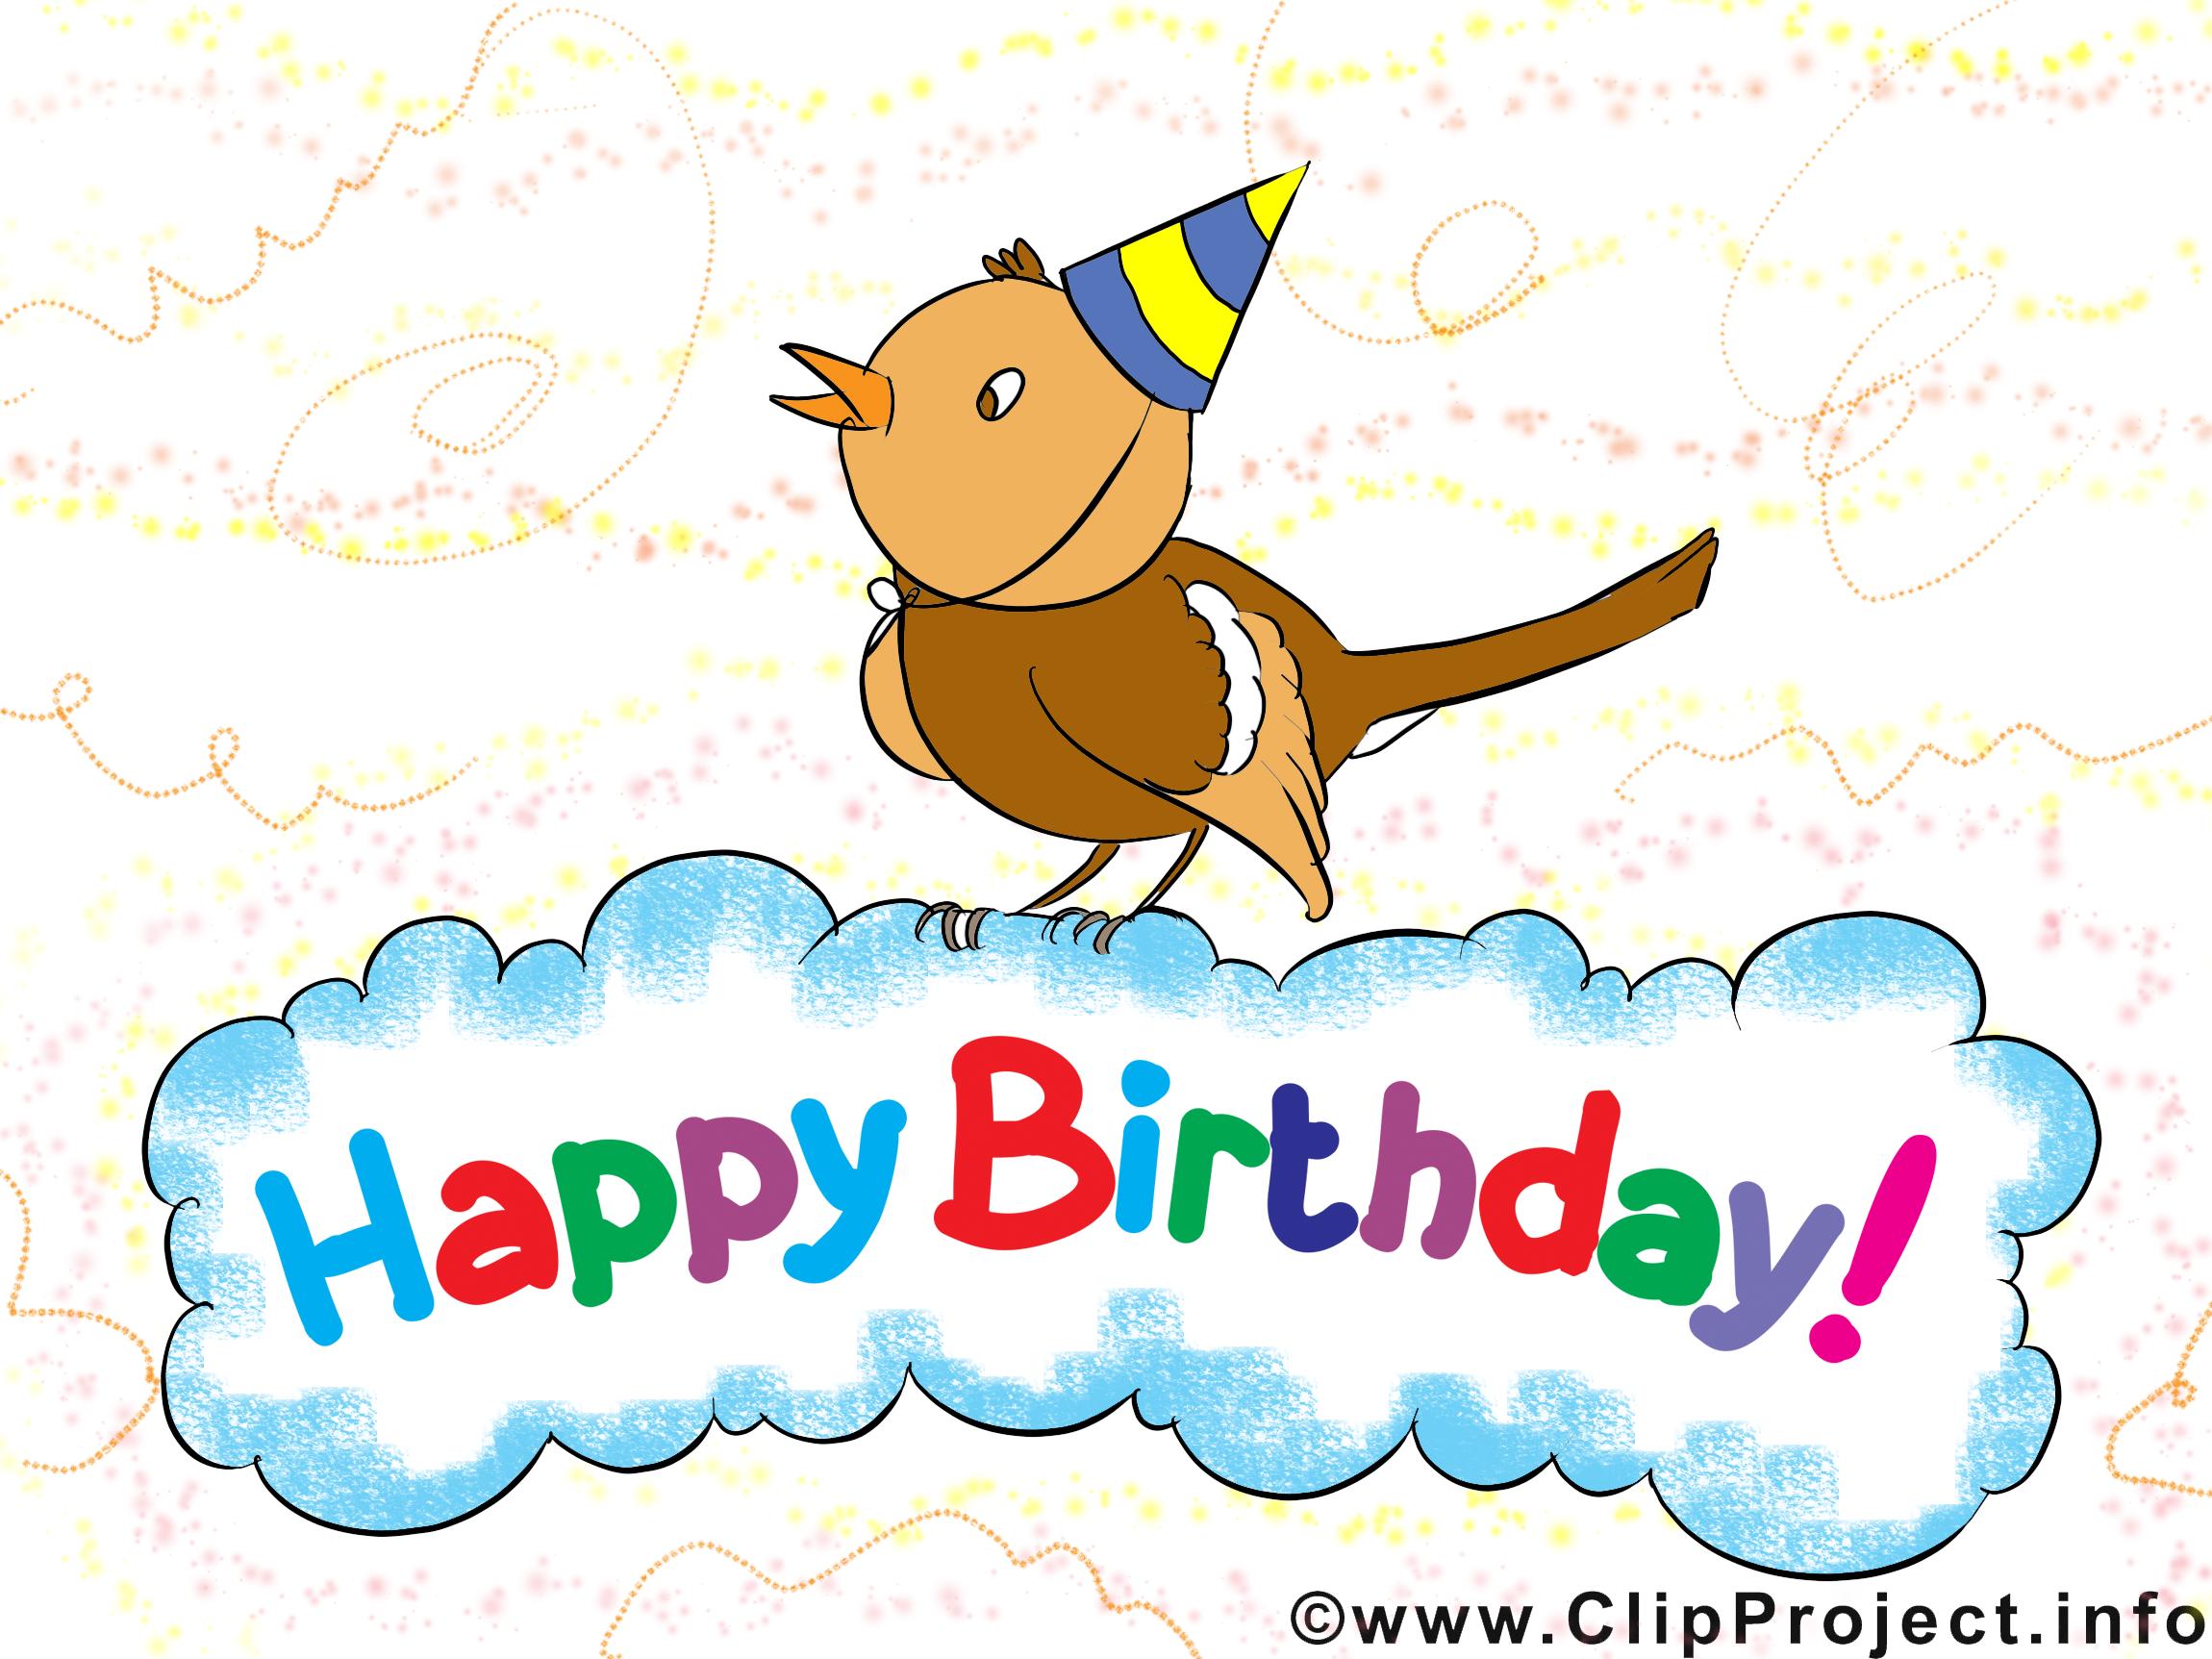 Joyeux anniversaire images gratuites clipart.